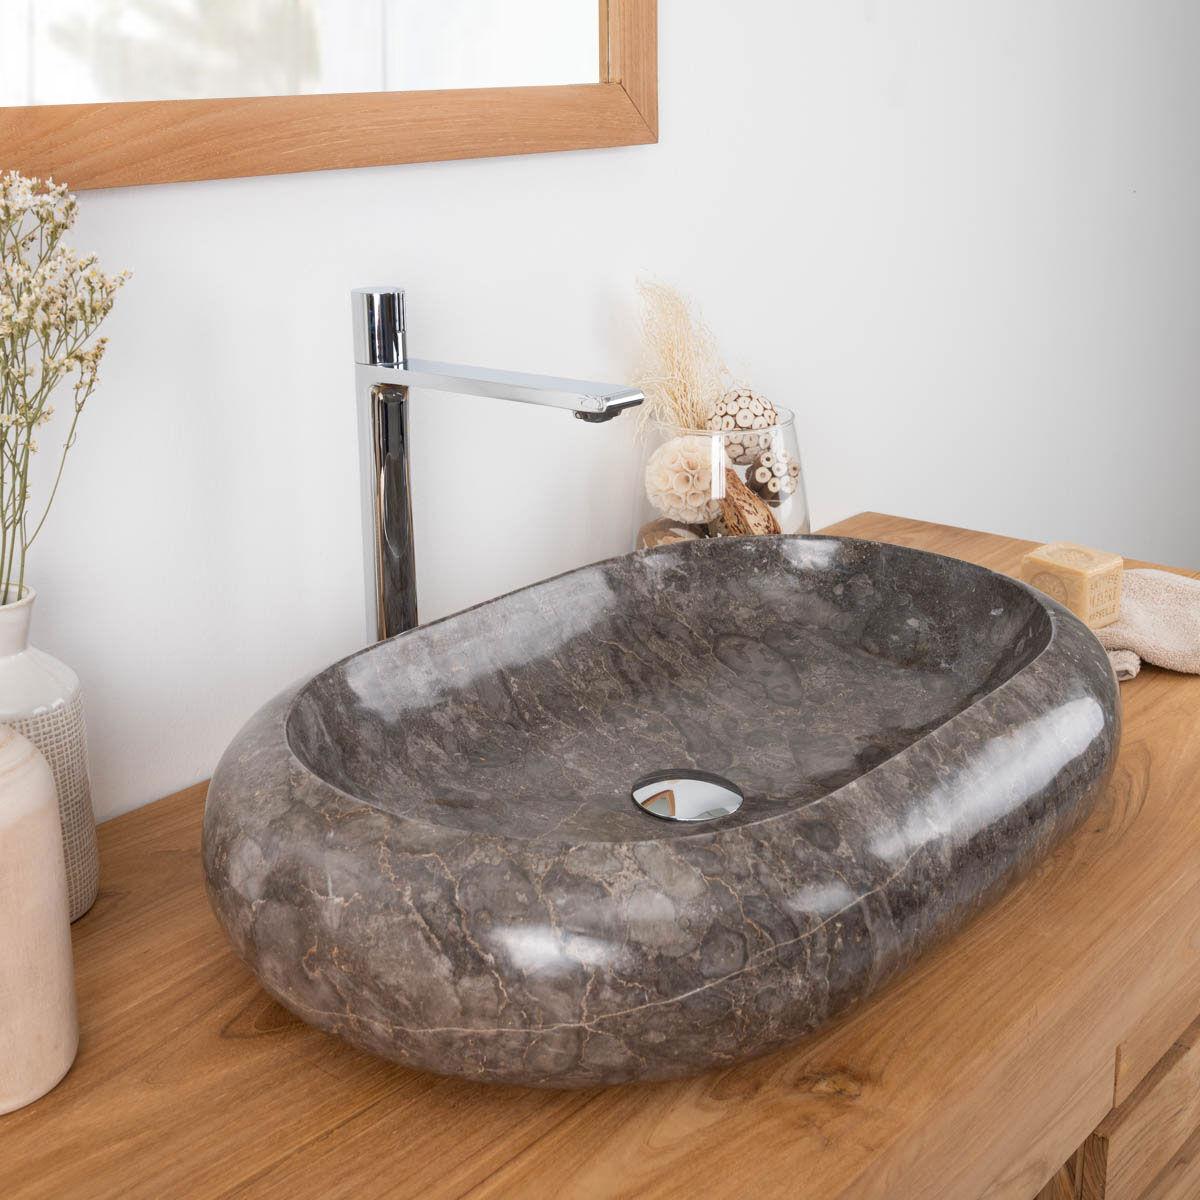 Wanda Collection Grande vasque en marbre à poser murano 60x40 gris